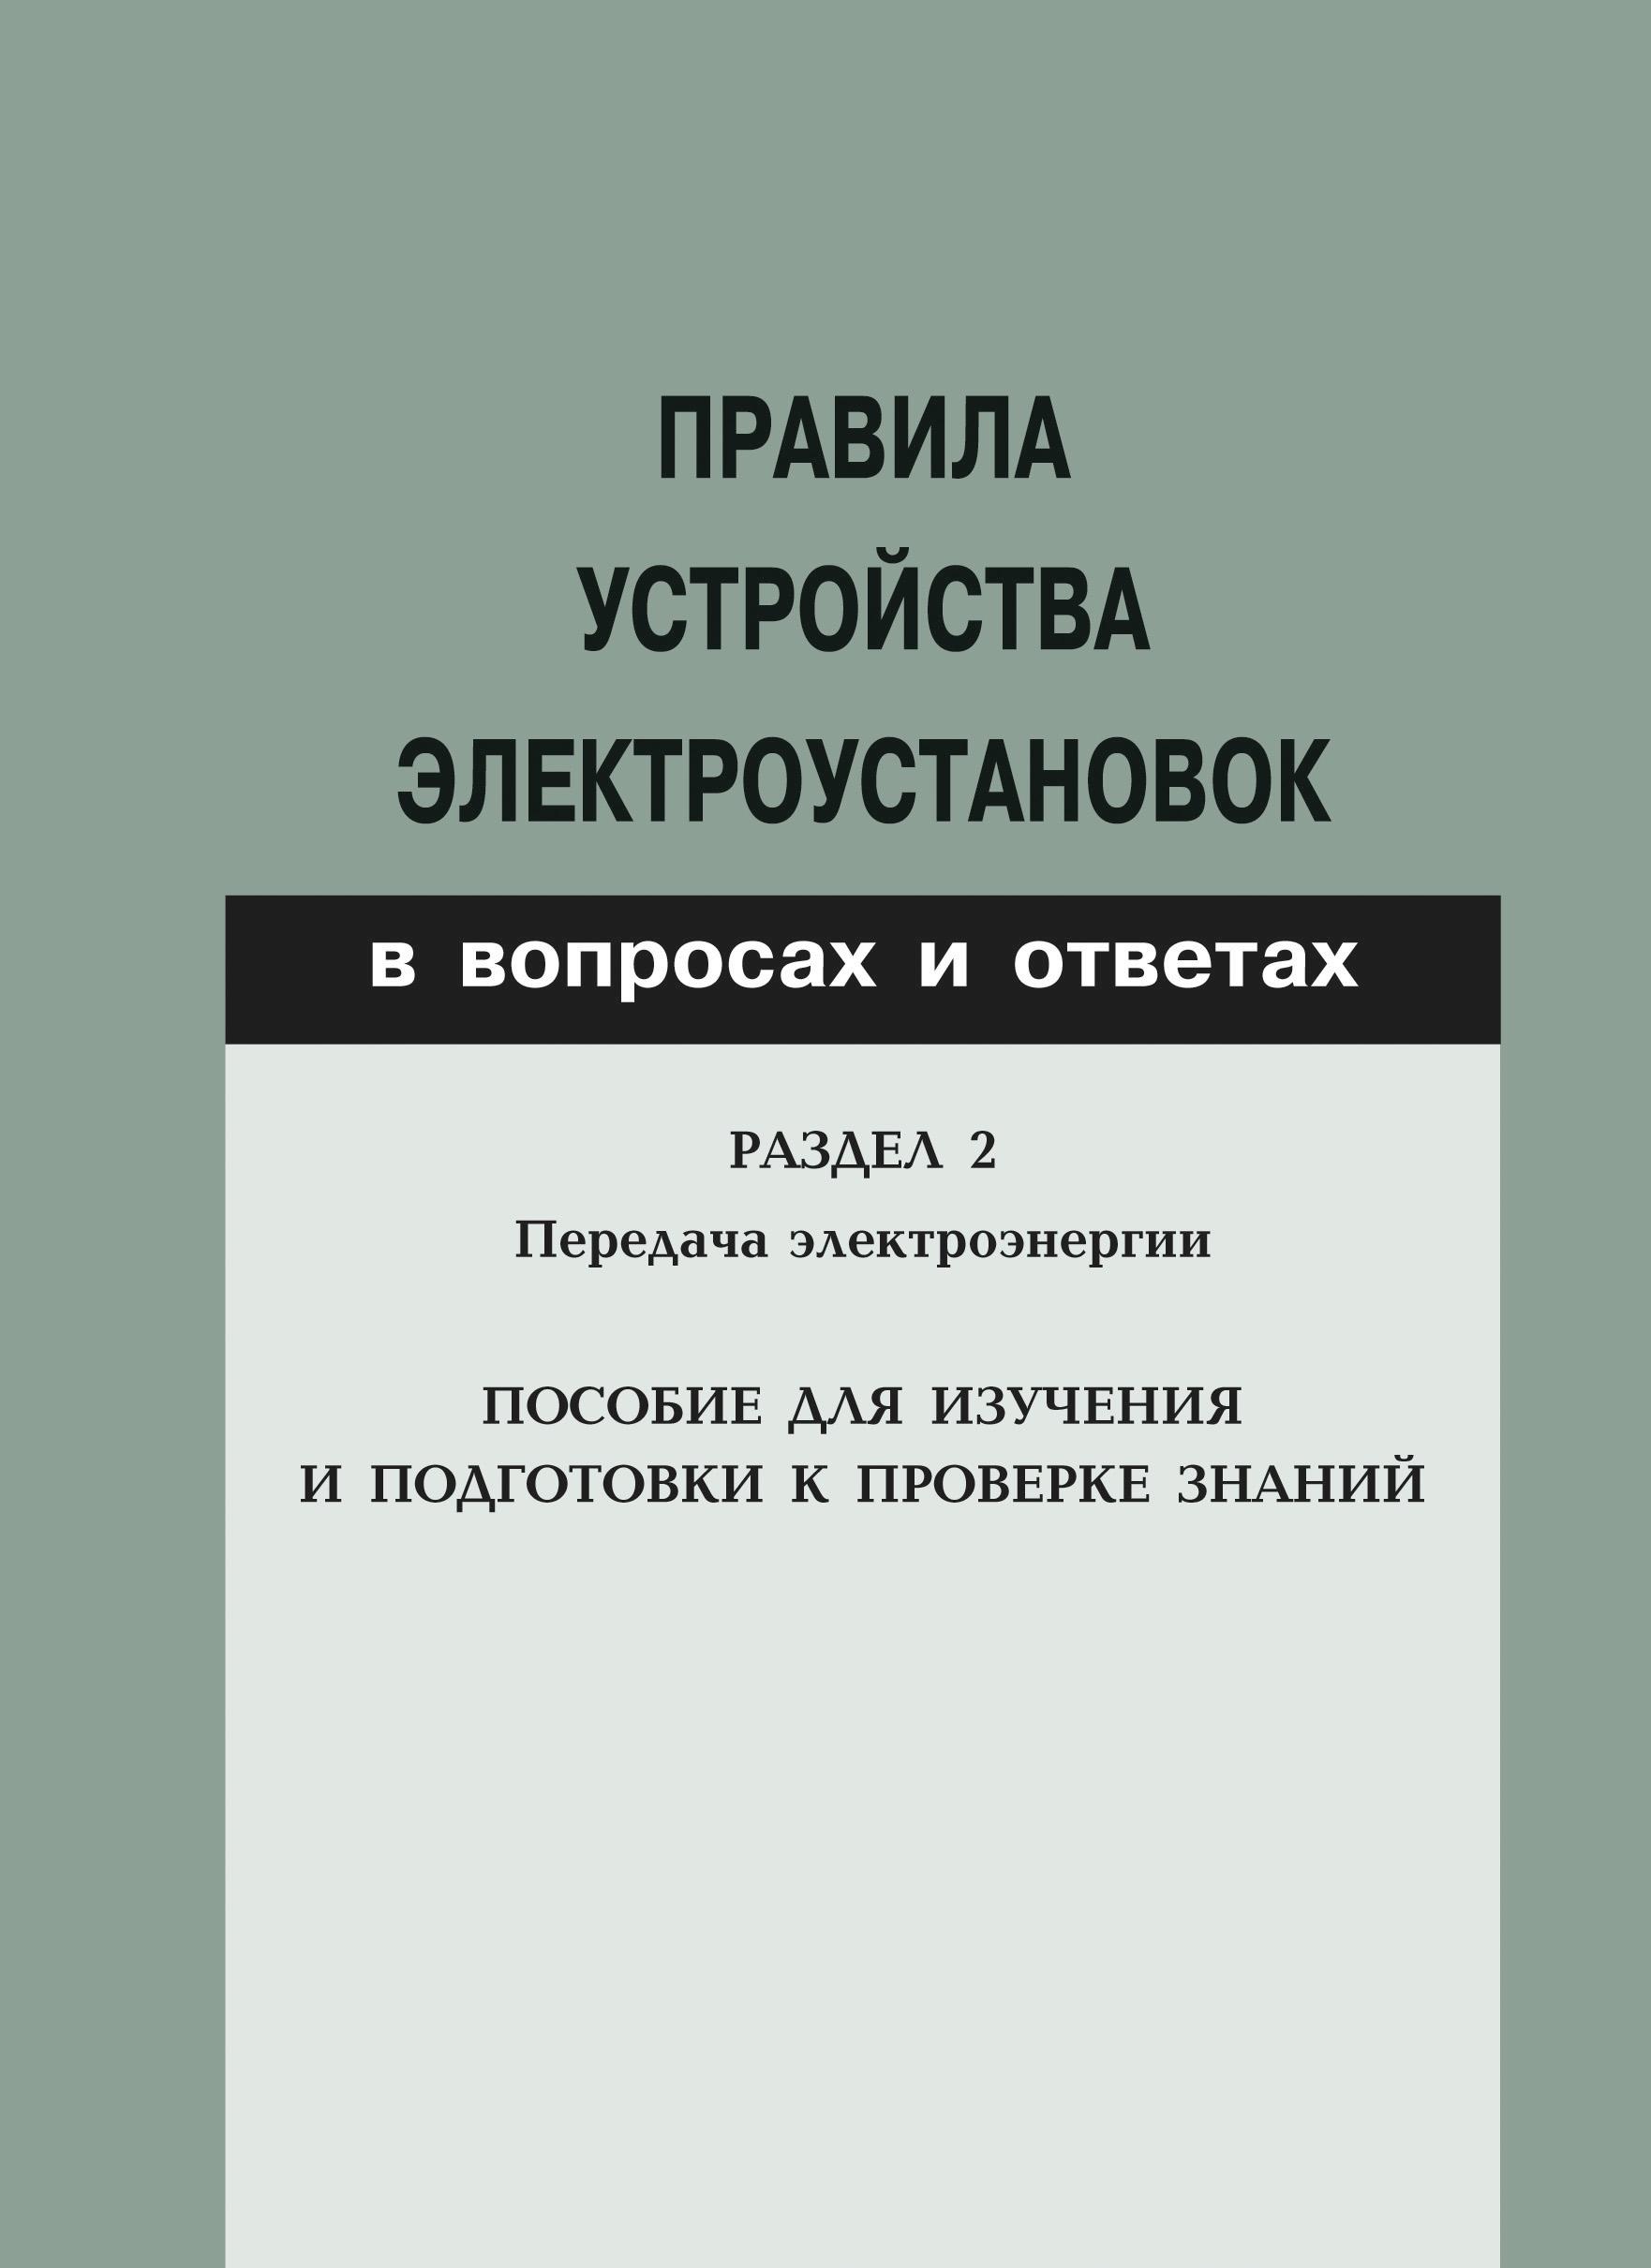 Область применения, определения / пуэ 7 / библиотека / элек.ру